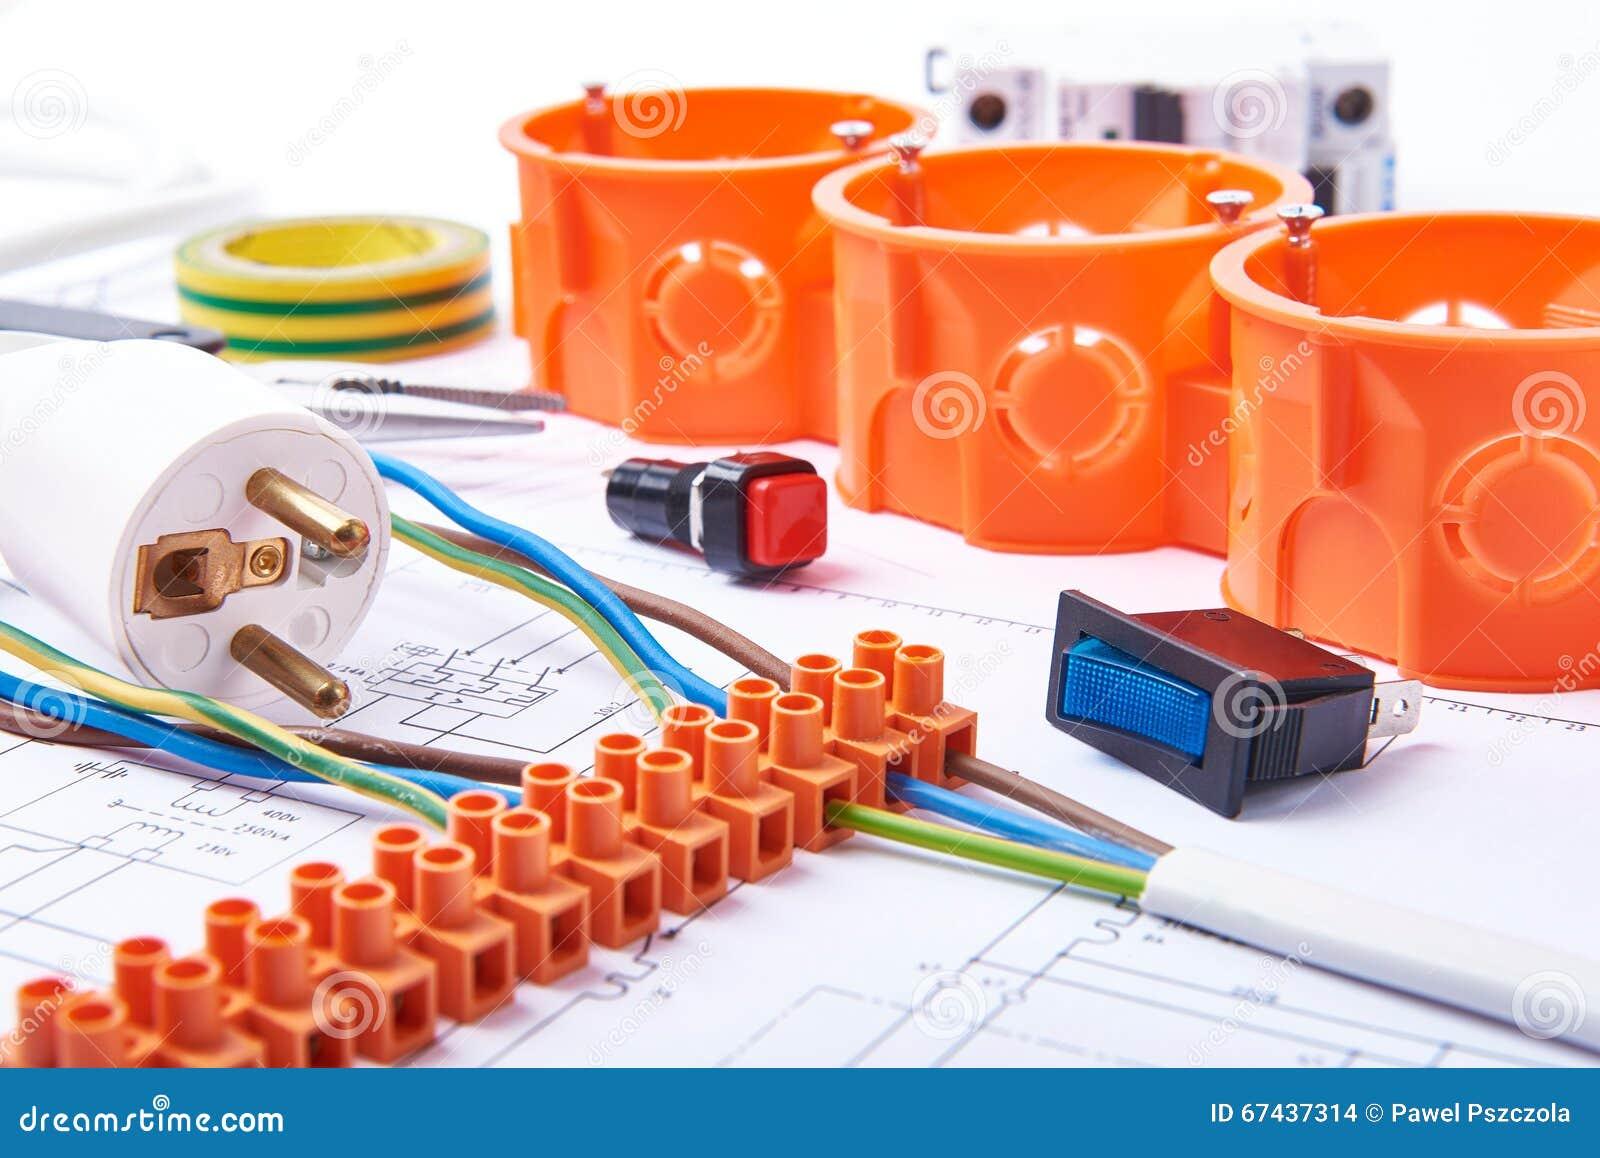 Componentes para o uso nas instalações elétricas Tomada, conectores, caixa de junção, interruptor, fita do isolamento e fios Aces